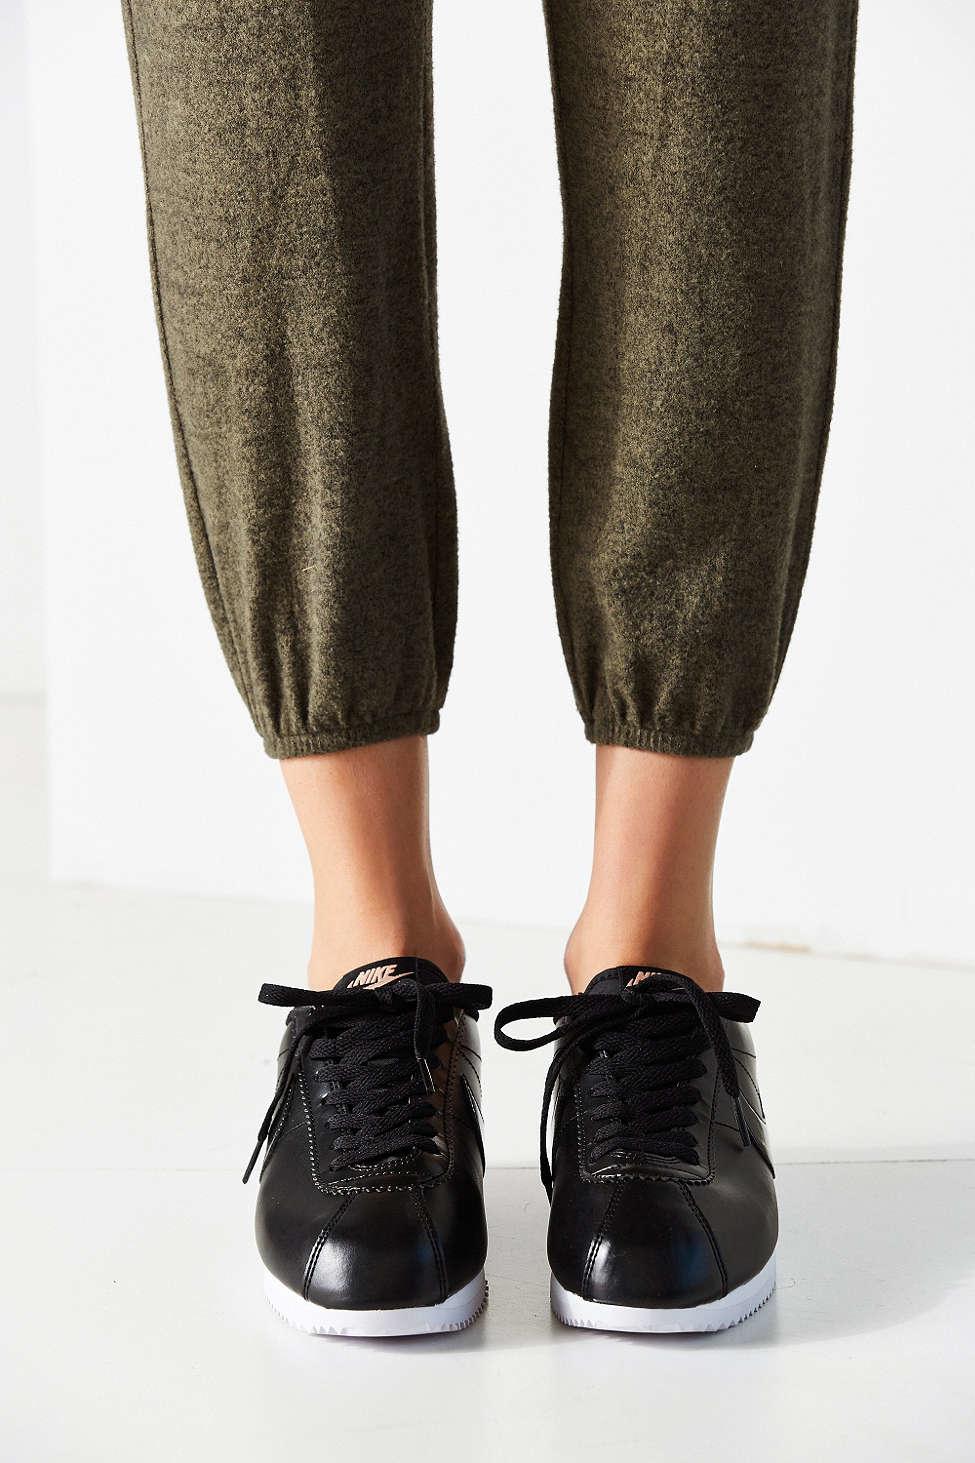 59ebd6cdebddd Lyst - Nike Women s Classic Cortez Leather Sneaker in Black